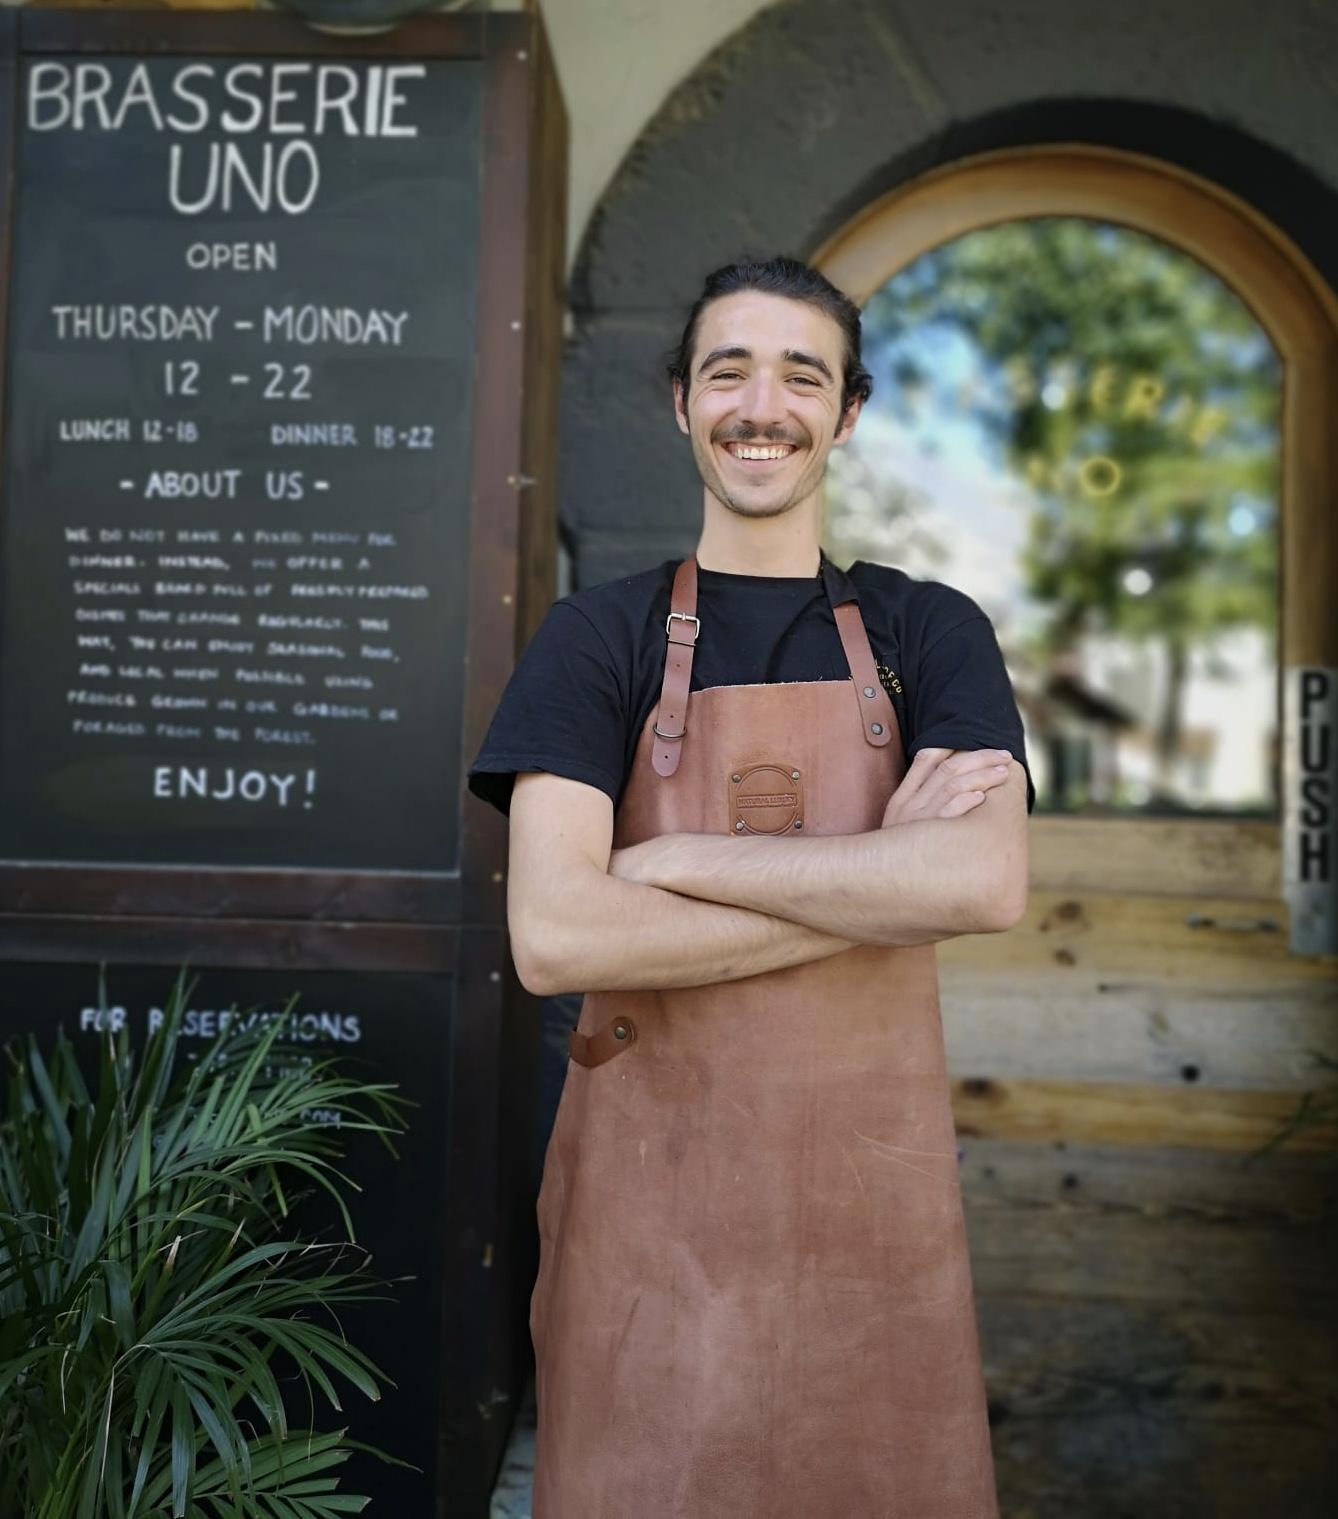 Brasserie Uno chef Mark Ruiz Kissling | Brasserie Uno Zermatt